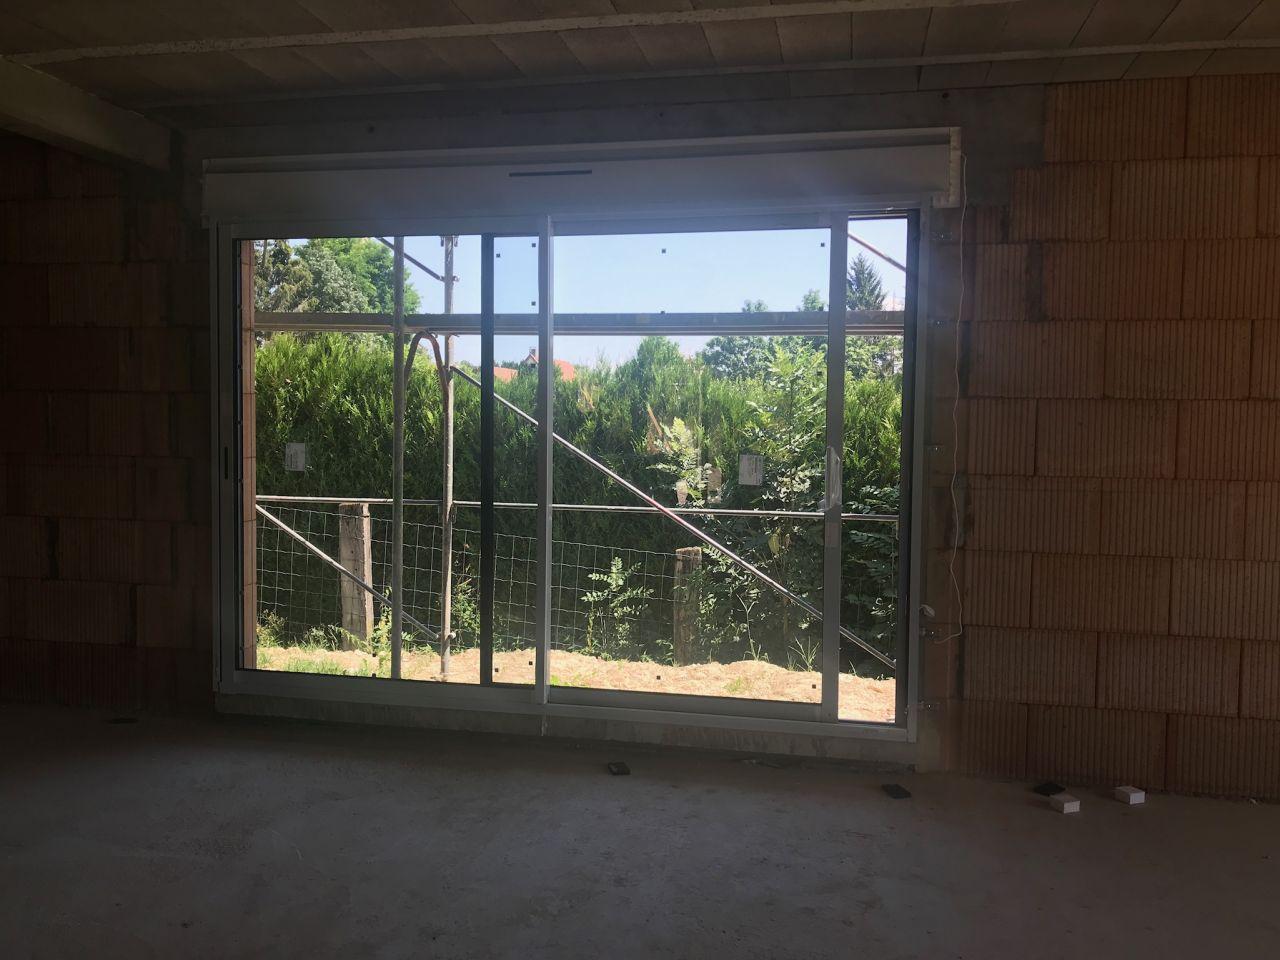 seconde baie vitrée 3m salon/séjour